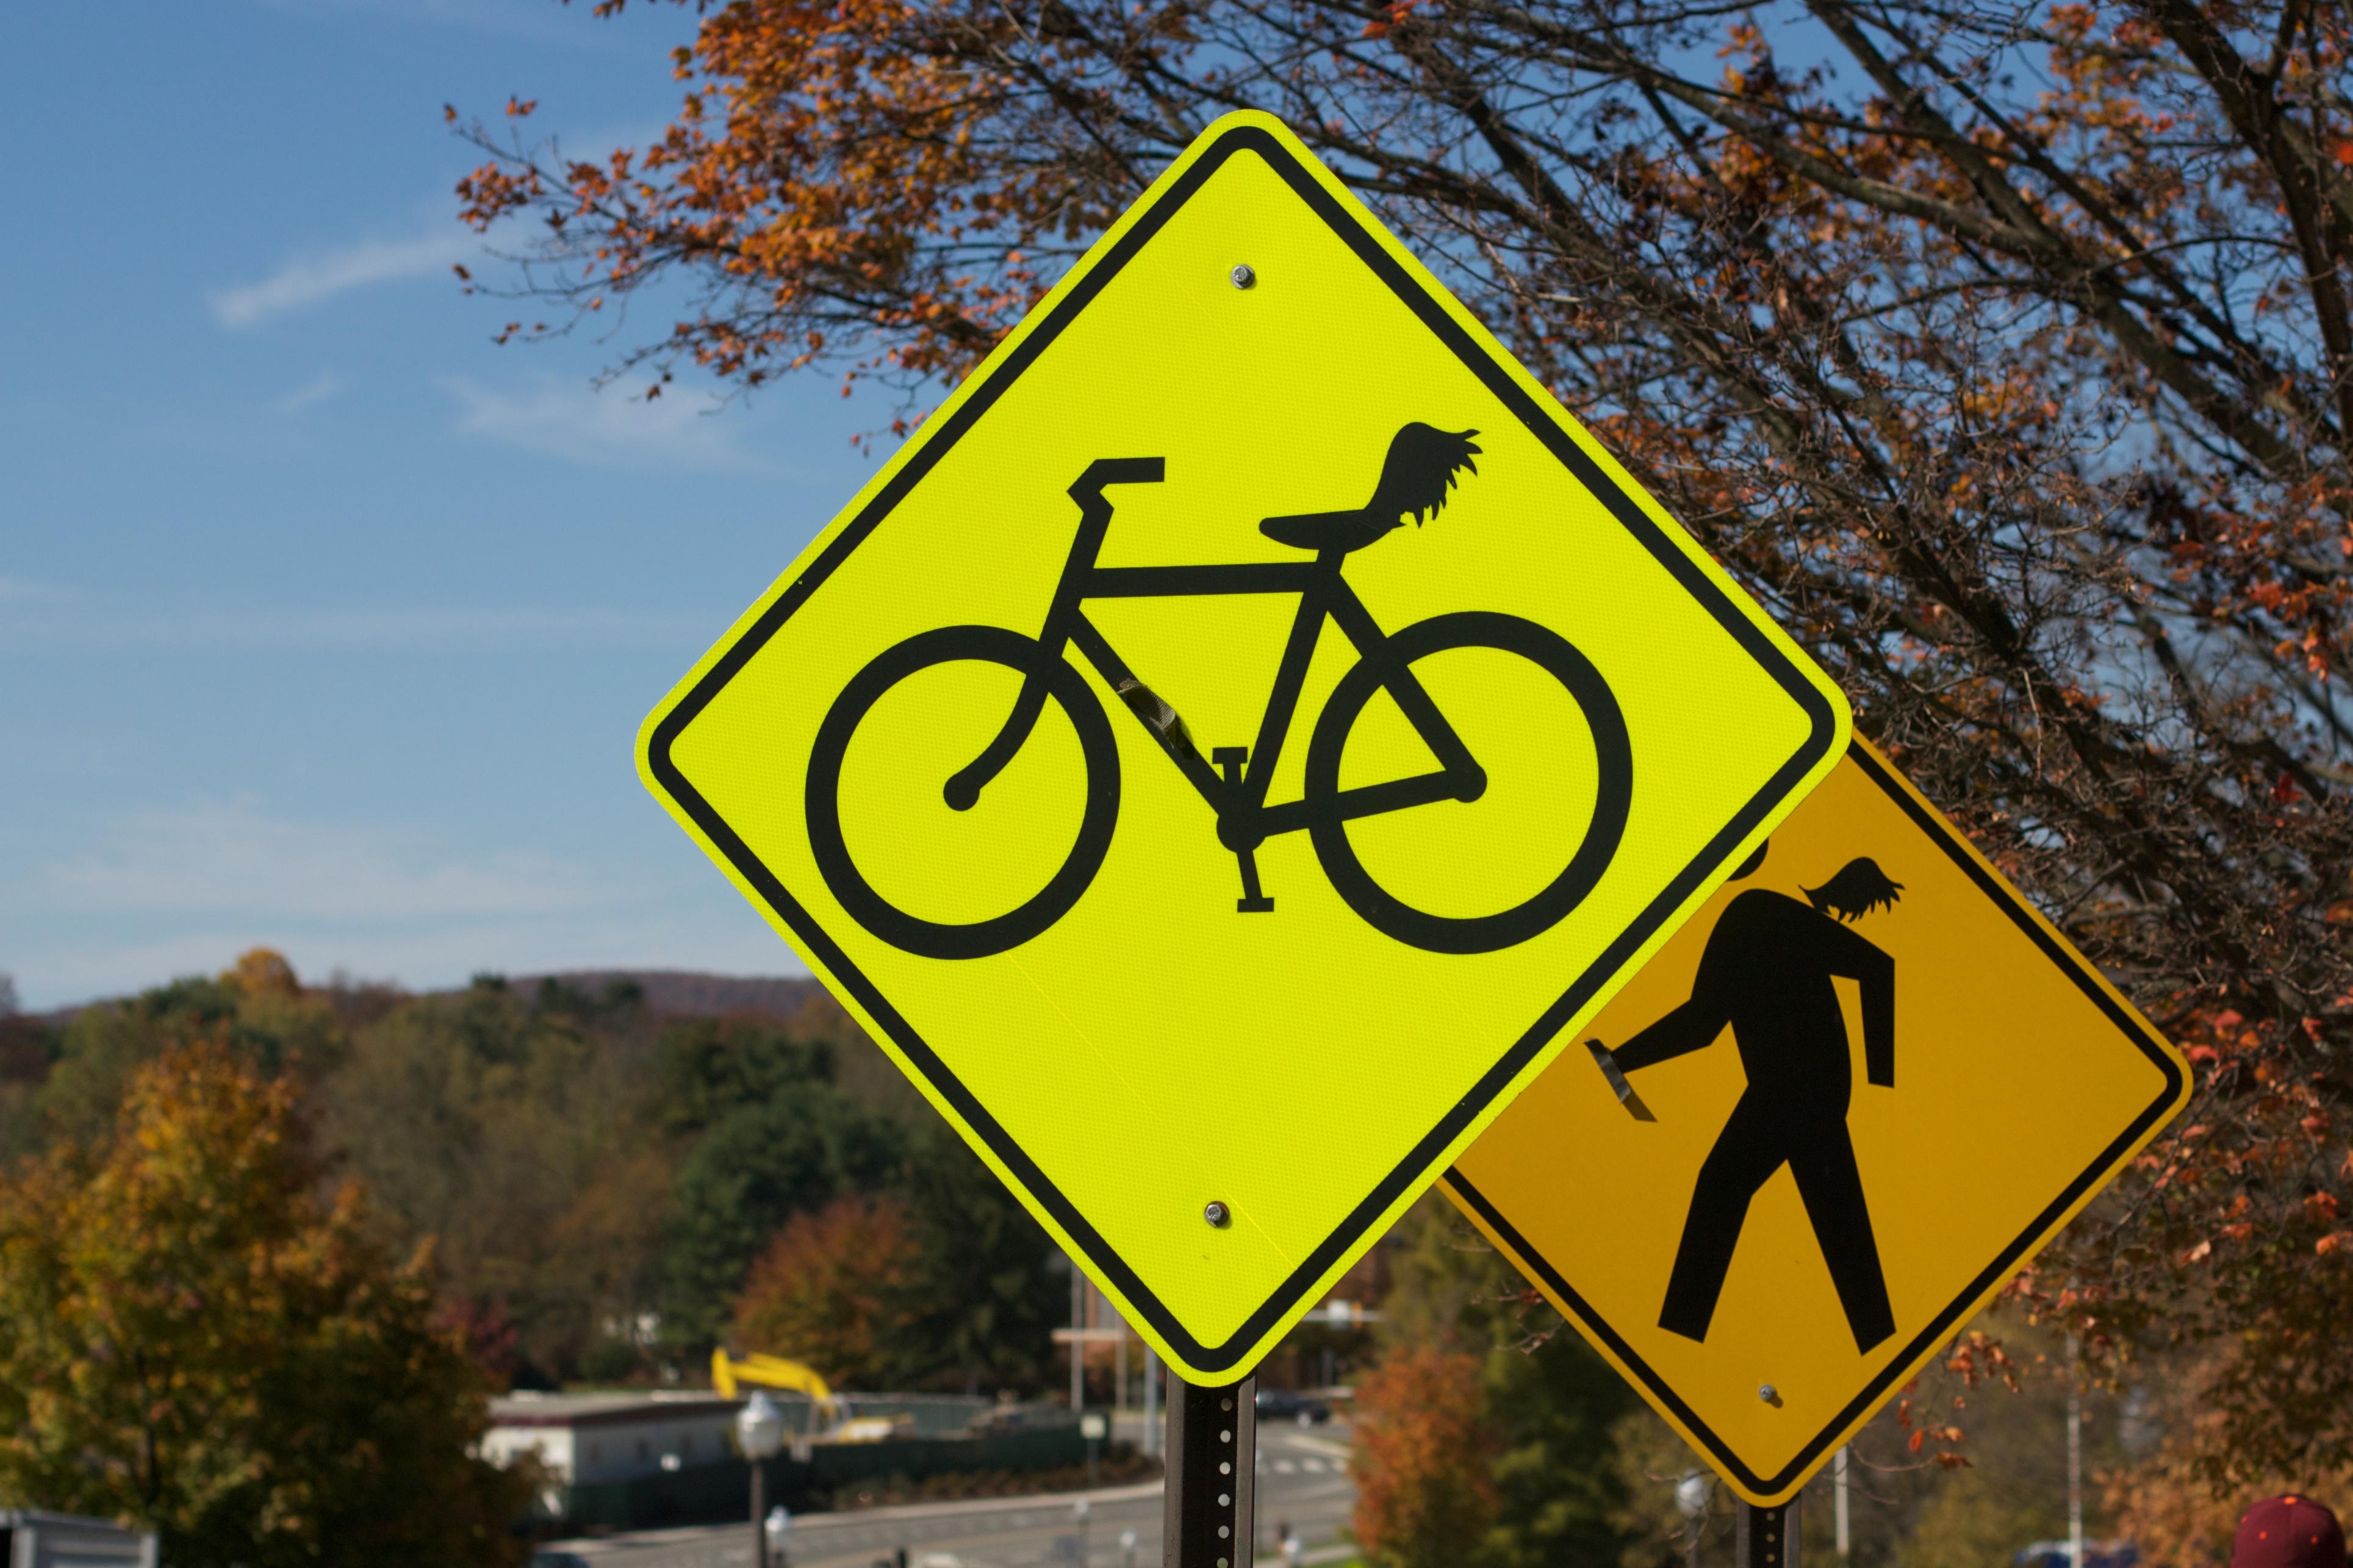 застекленного картинки альтернативные дорожные знаки здоров, любим